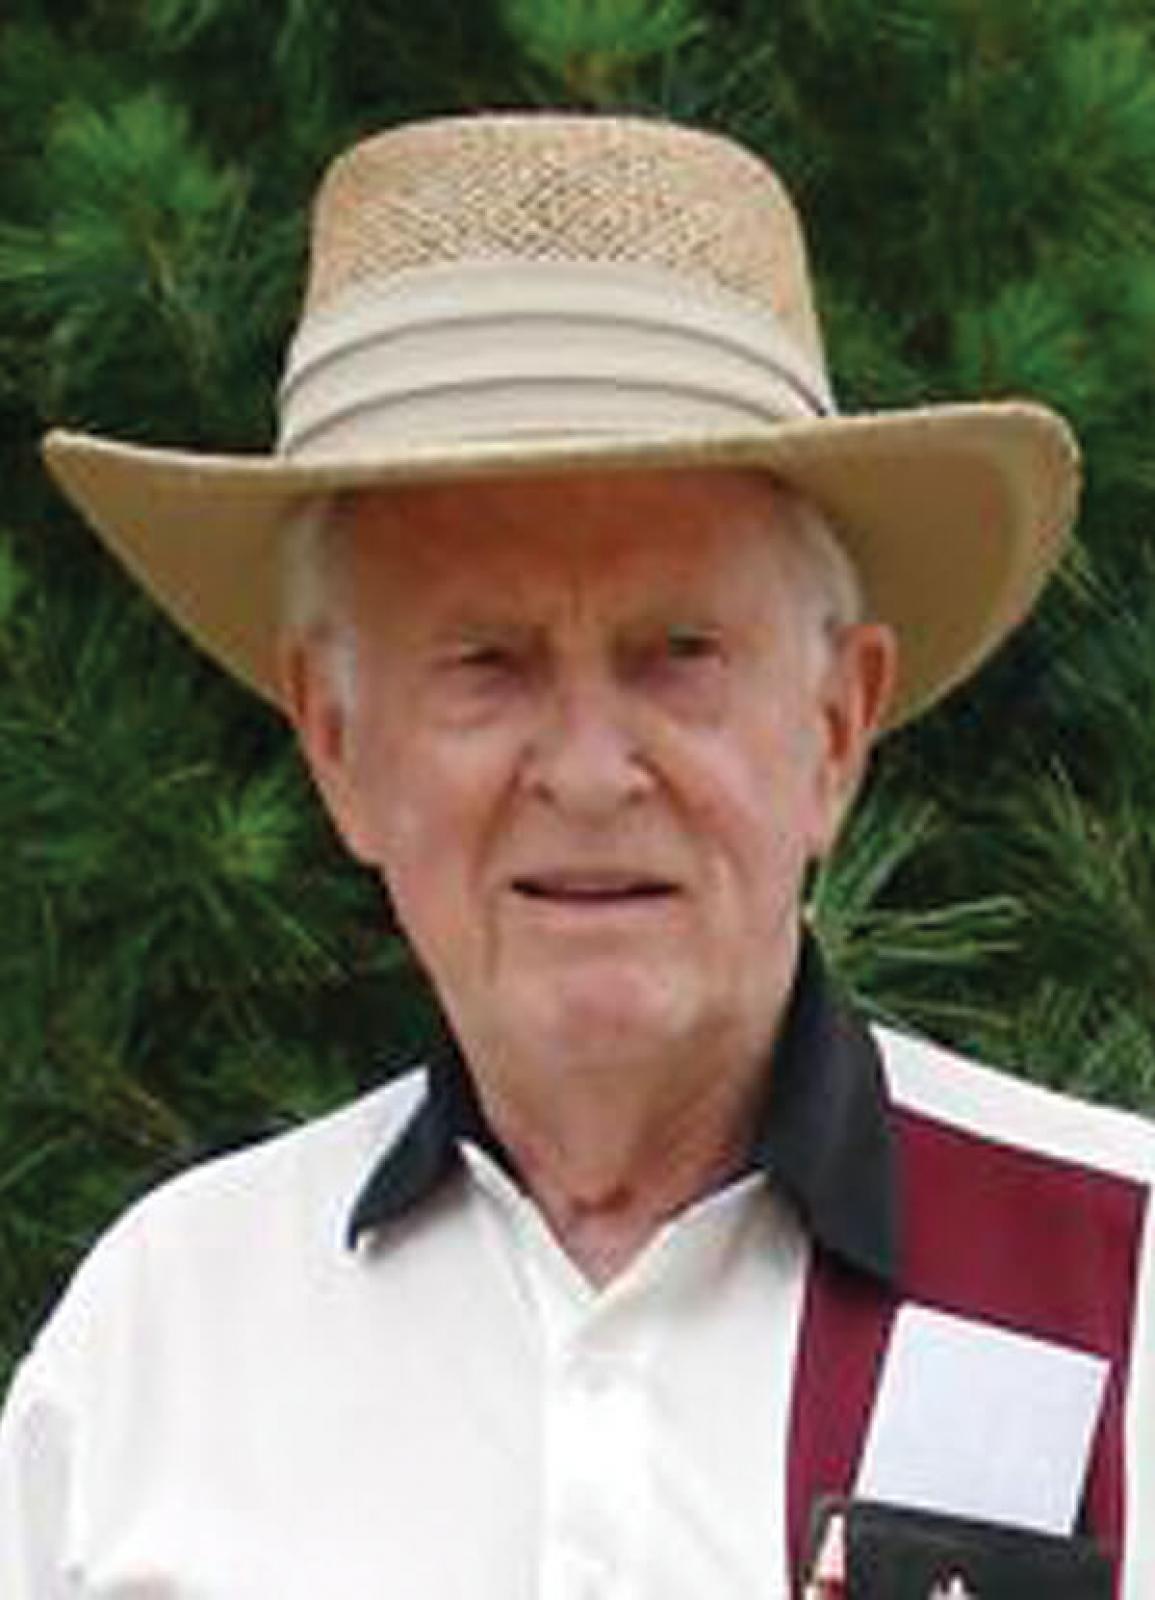 John Somerville